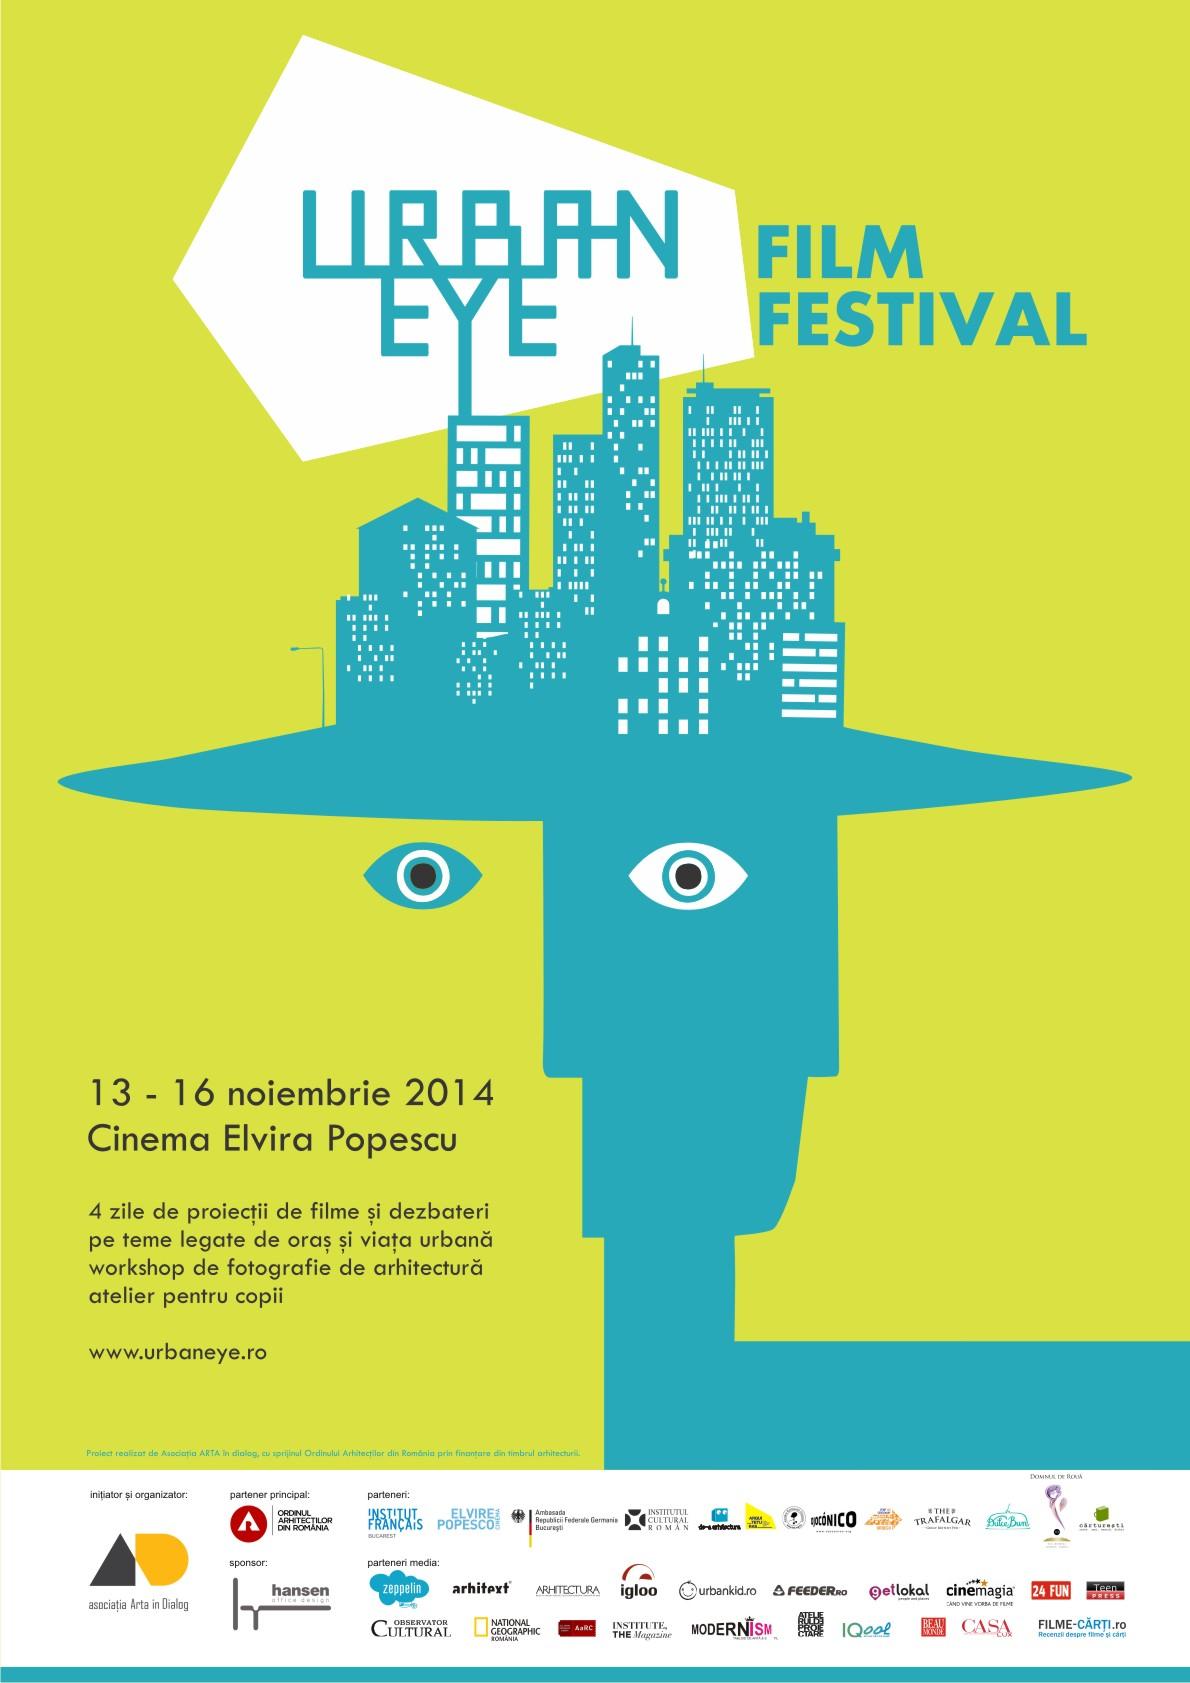 C1_2014_11_02_UrbanEye_Film_Festival_afis_web